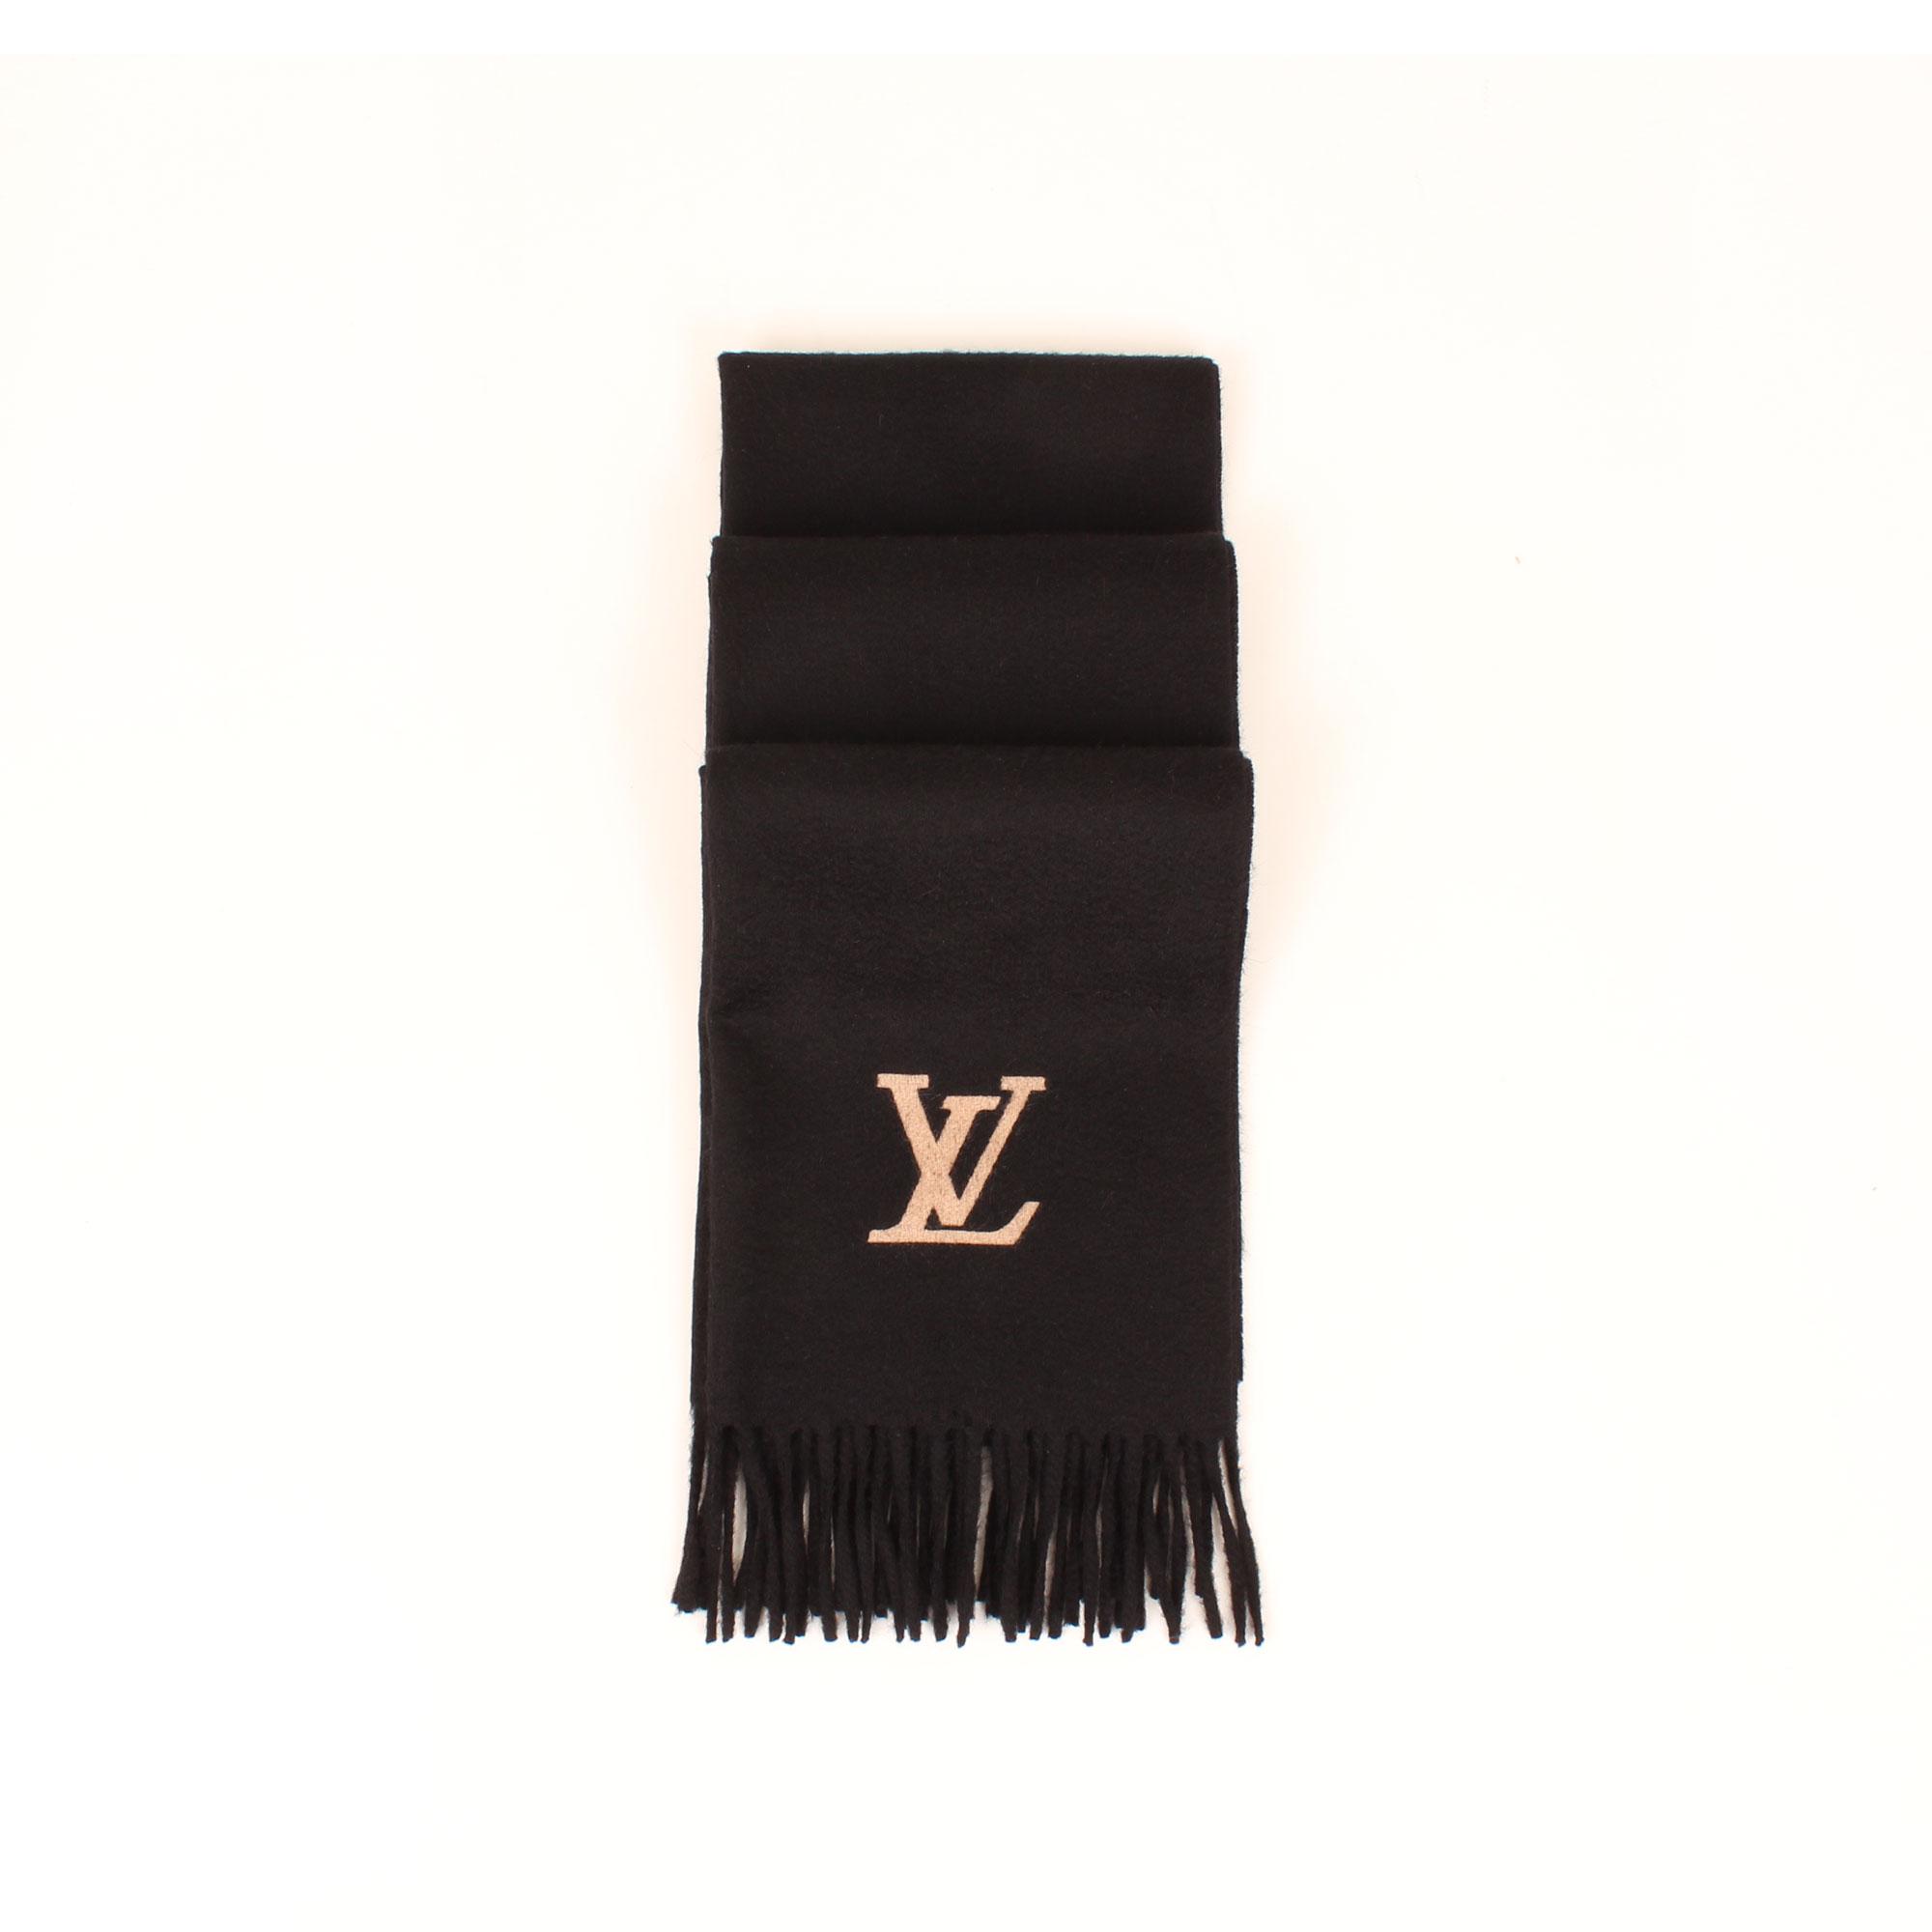 bufanda-louis-vuitton-cashmere-jehlam-negra-pliegues